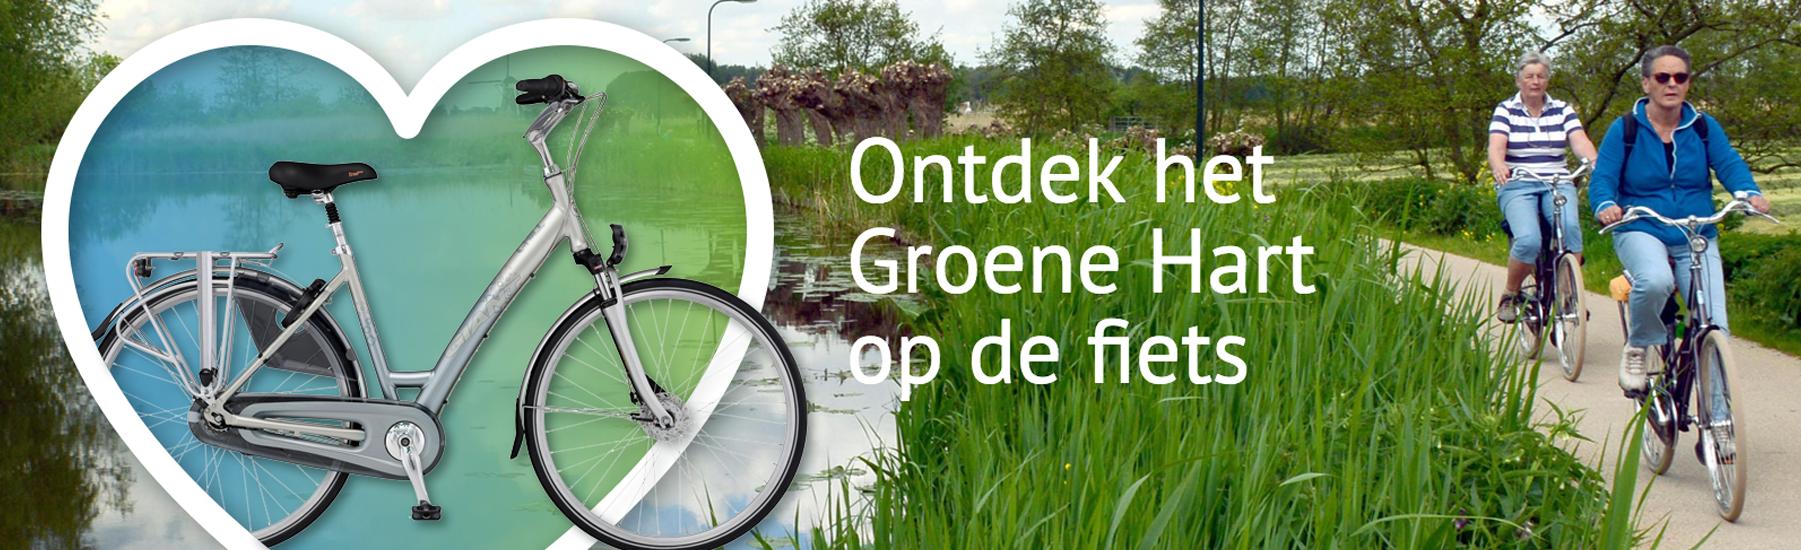 fietsverhuur groene hart